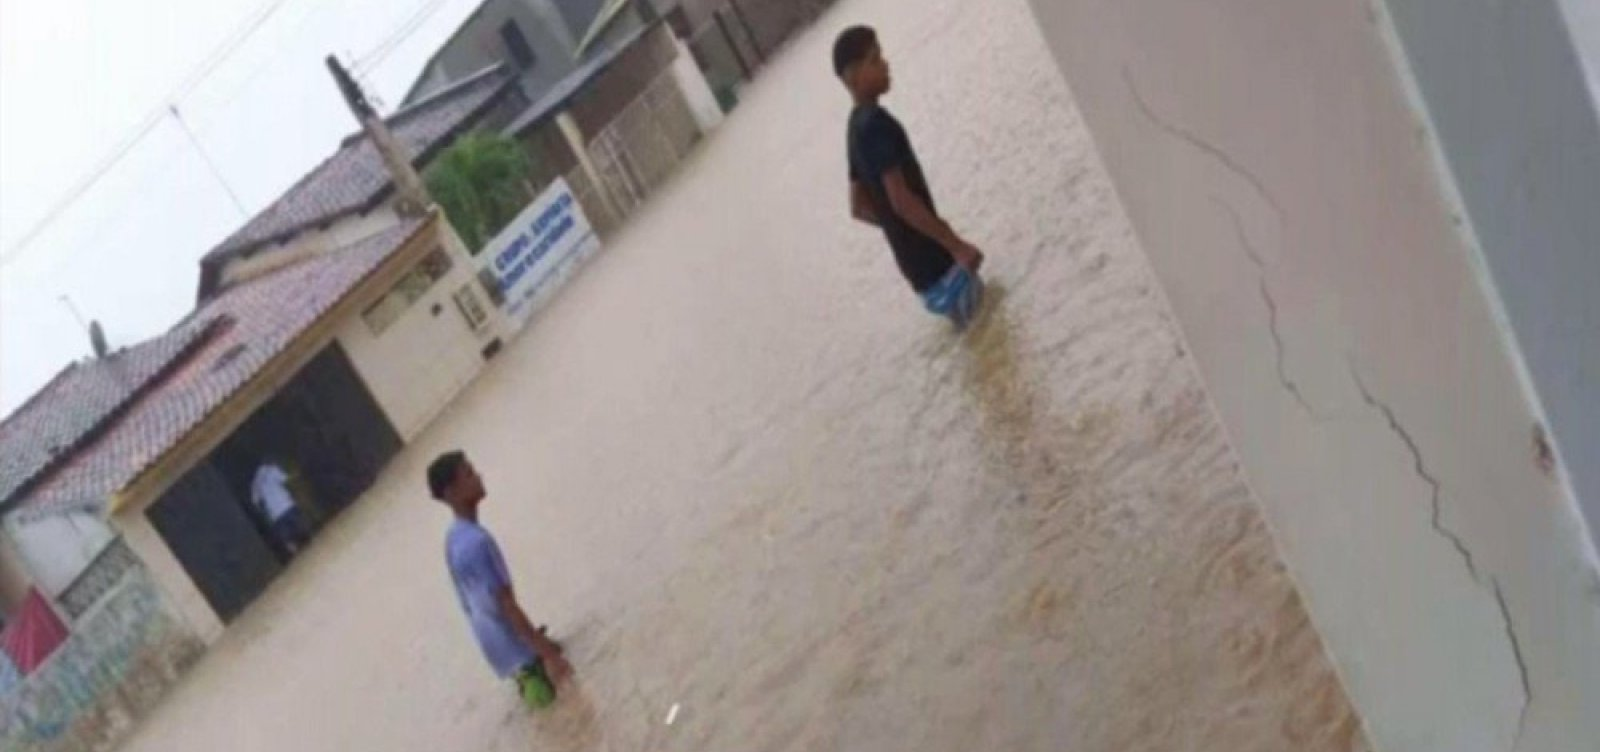 Prefeitura declara estado de emergência após chuvas em São Sebastião do Passé